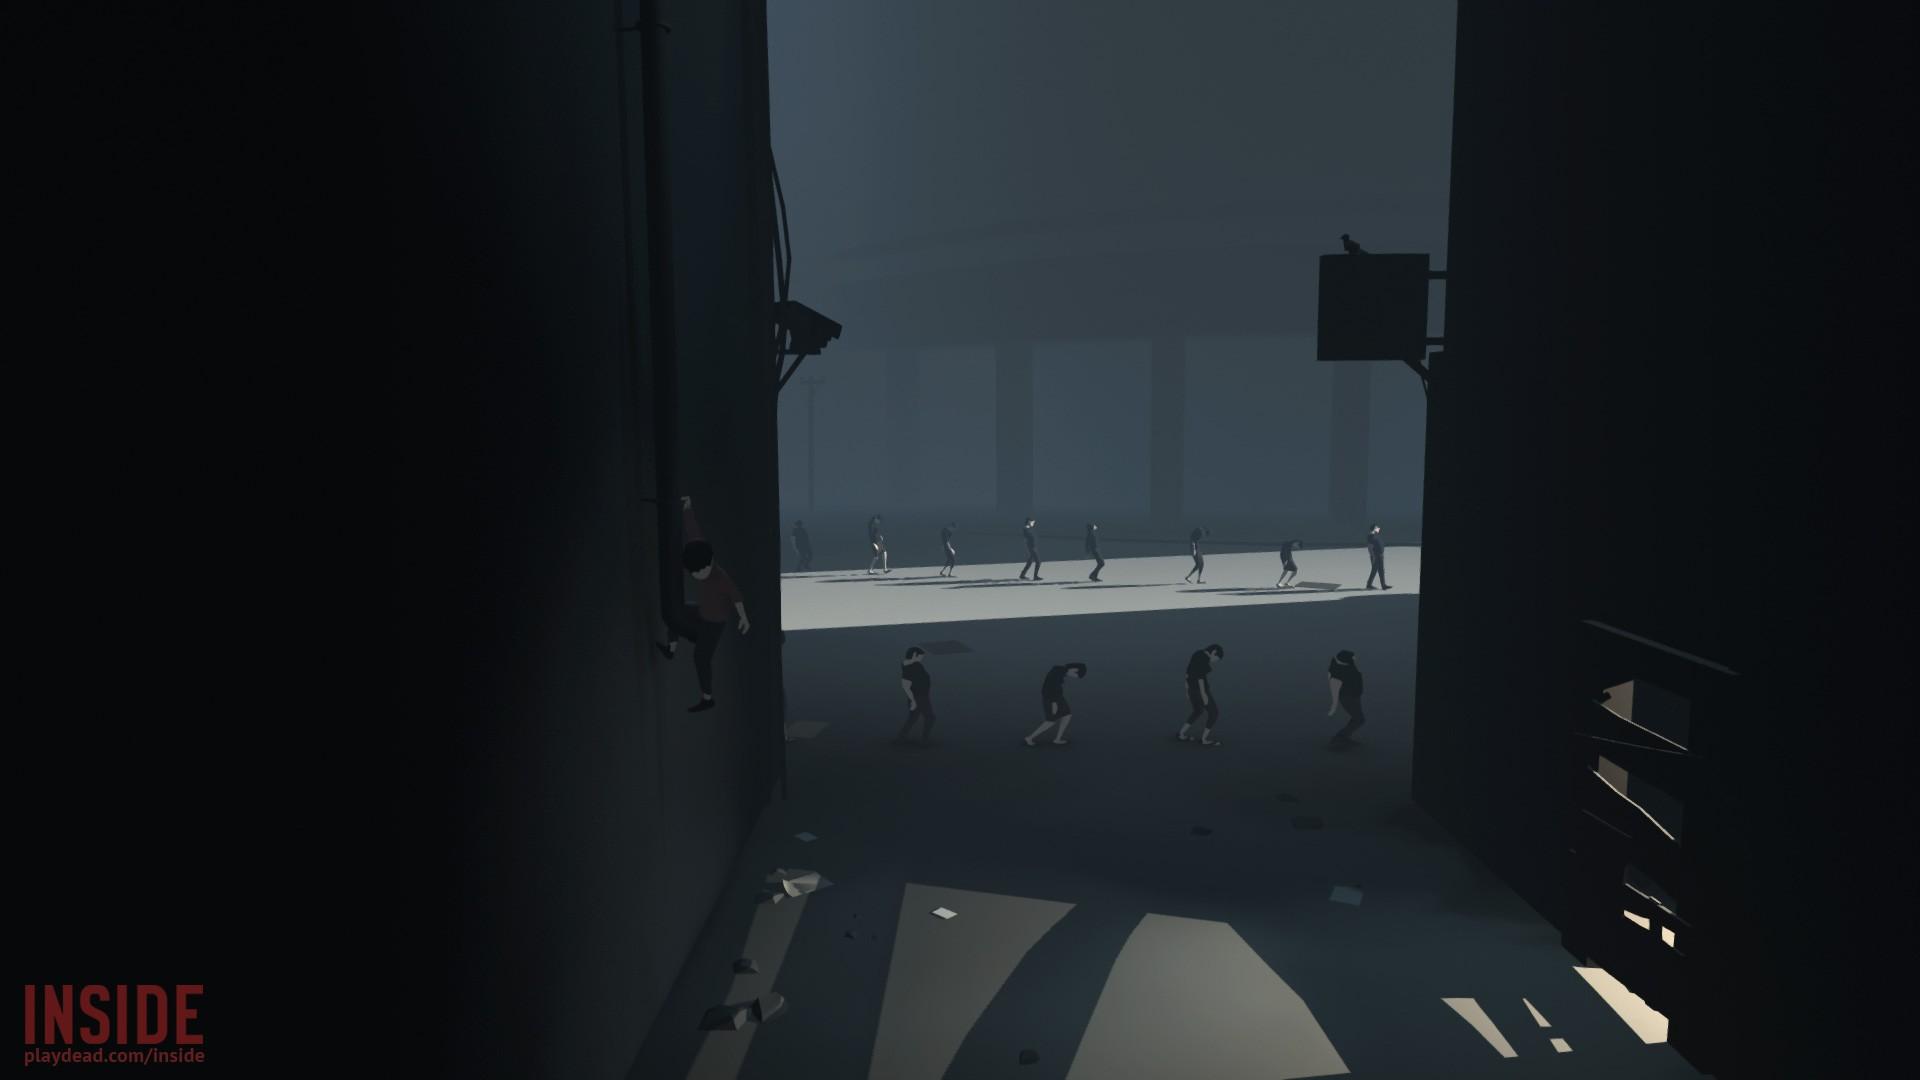 Распродажа в GOG — скидки до 85% на Limbo, Inside и другие игры